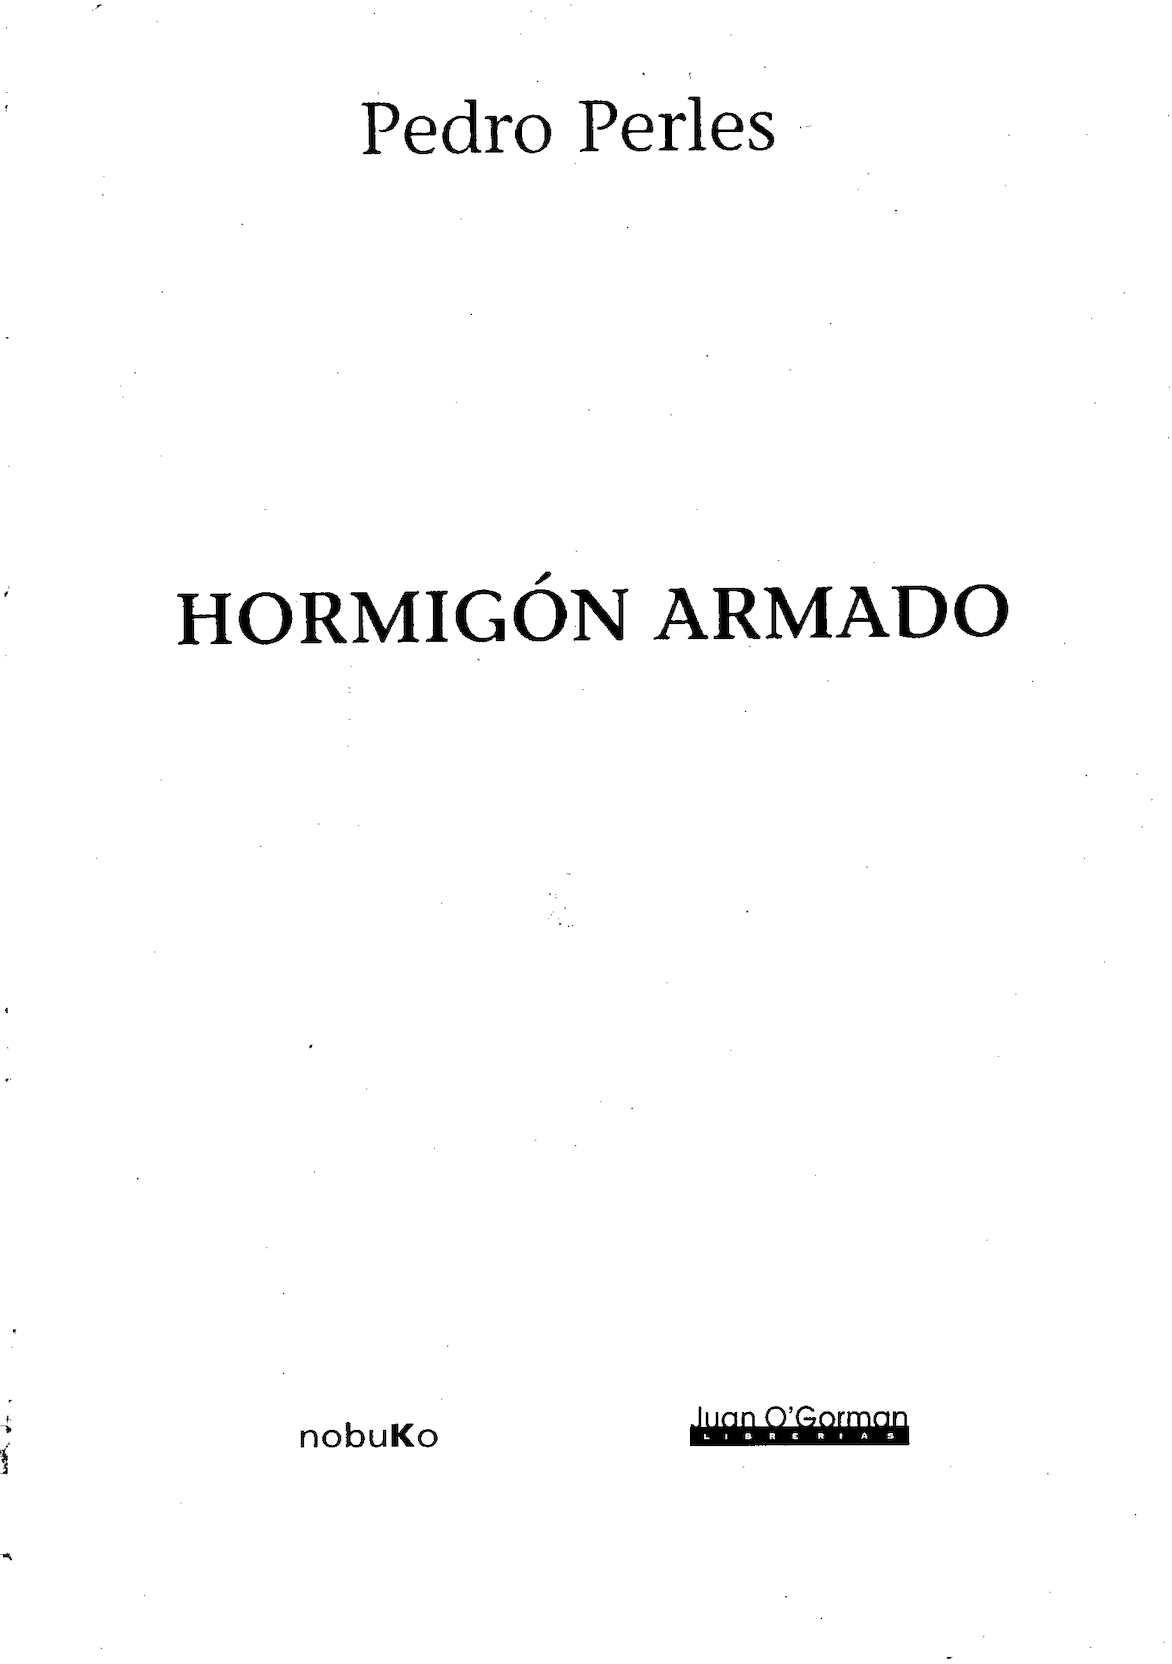 Hormigón Armado; Pedro Perles